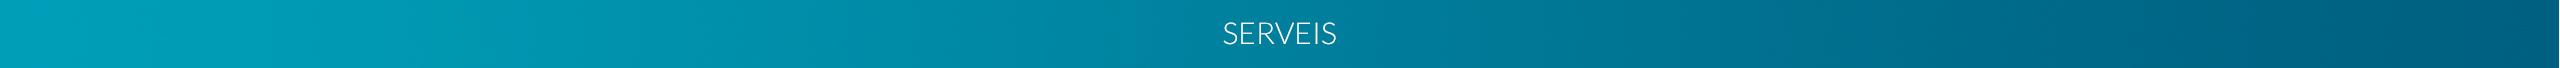 Netsteril títol serveis